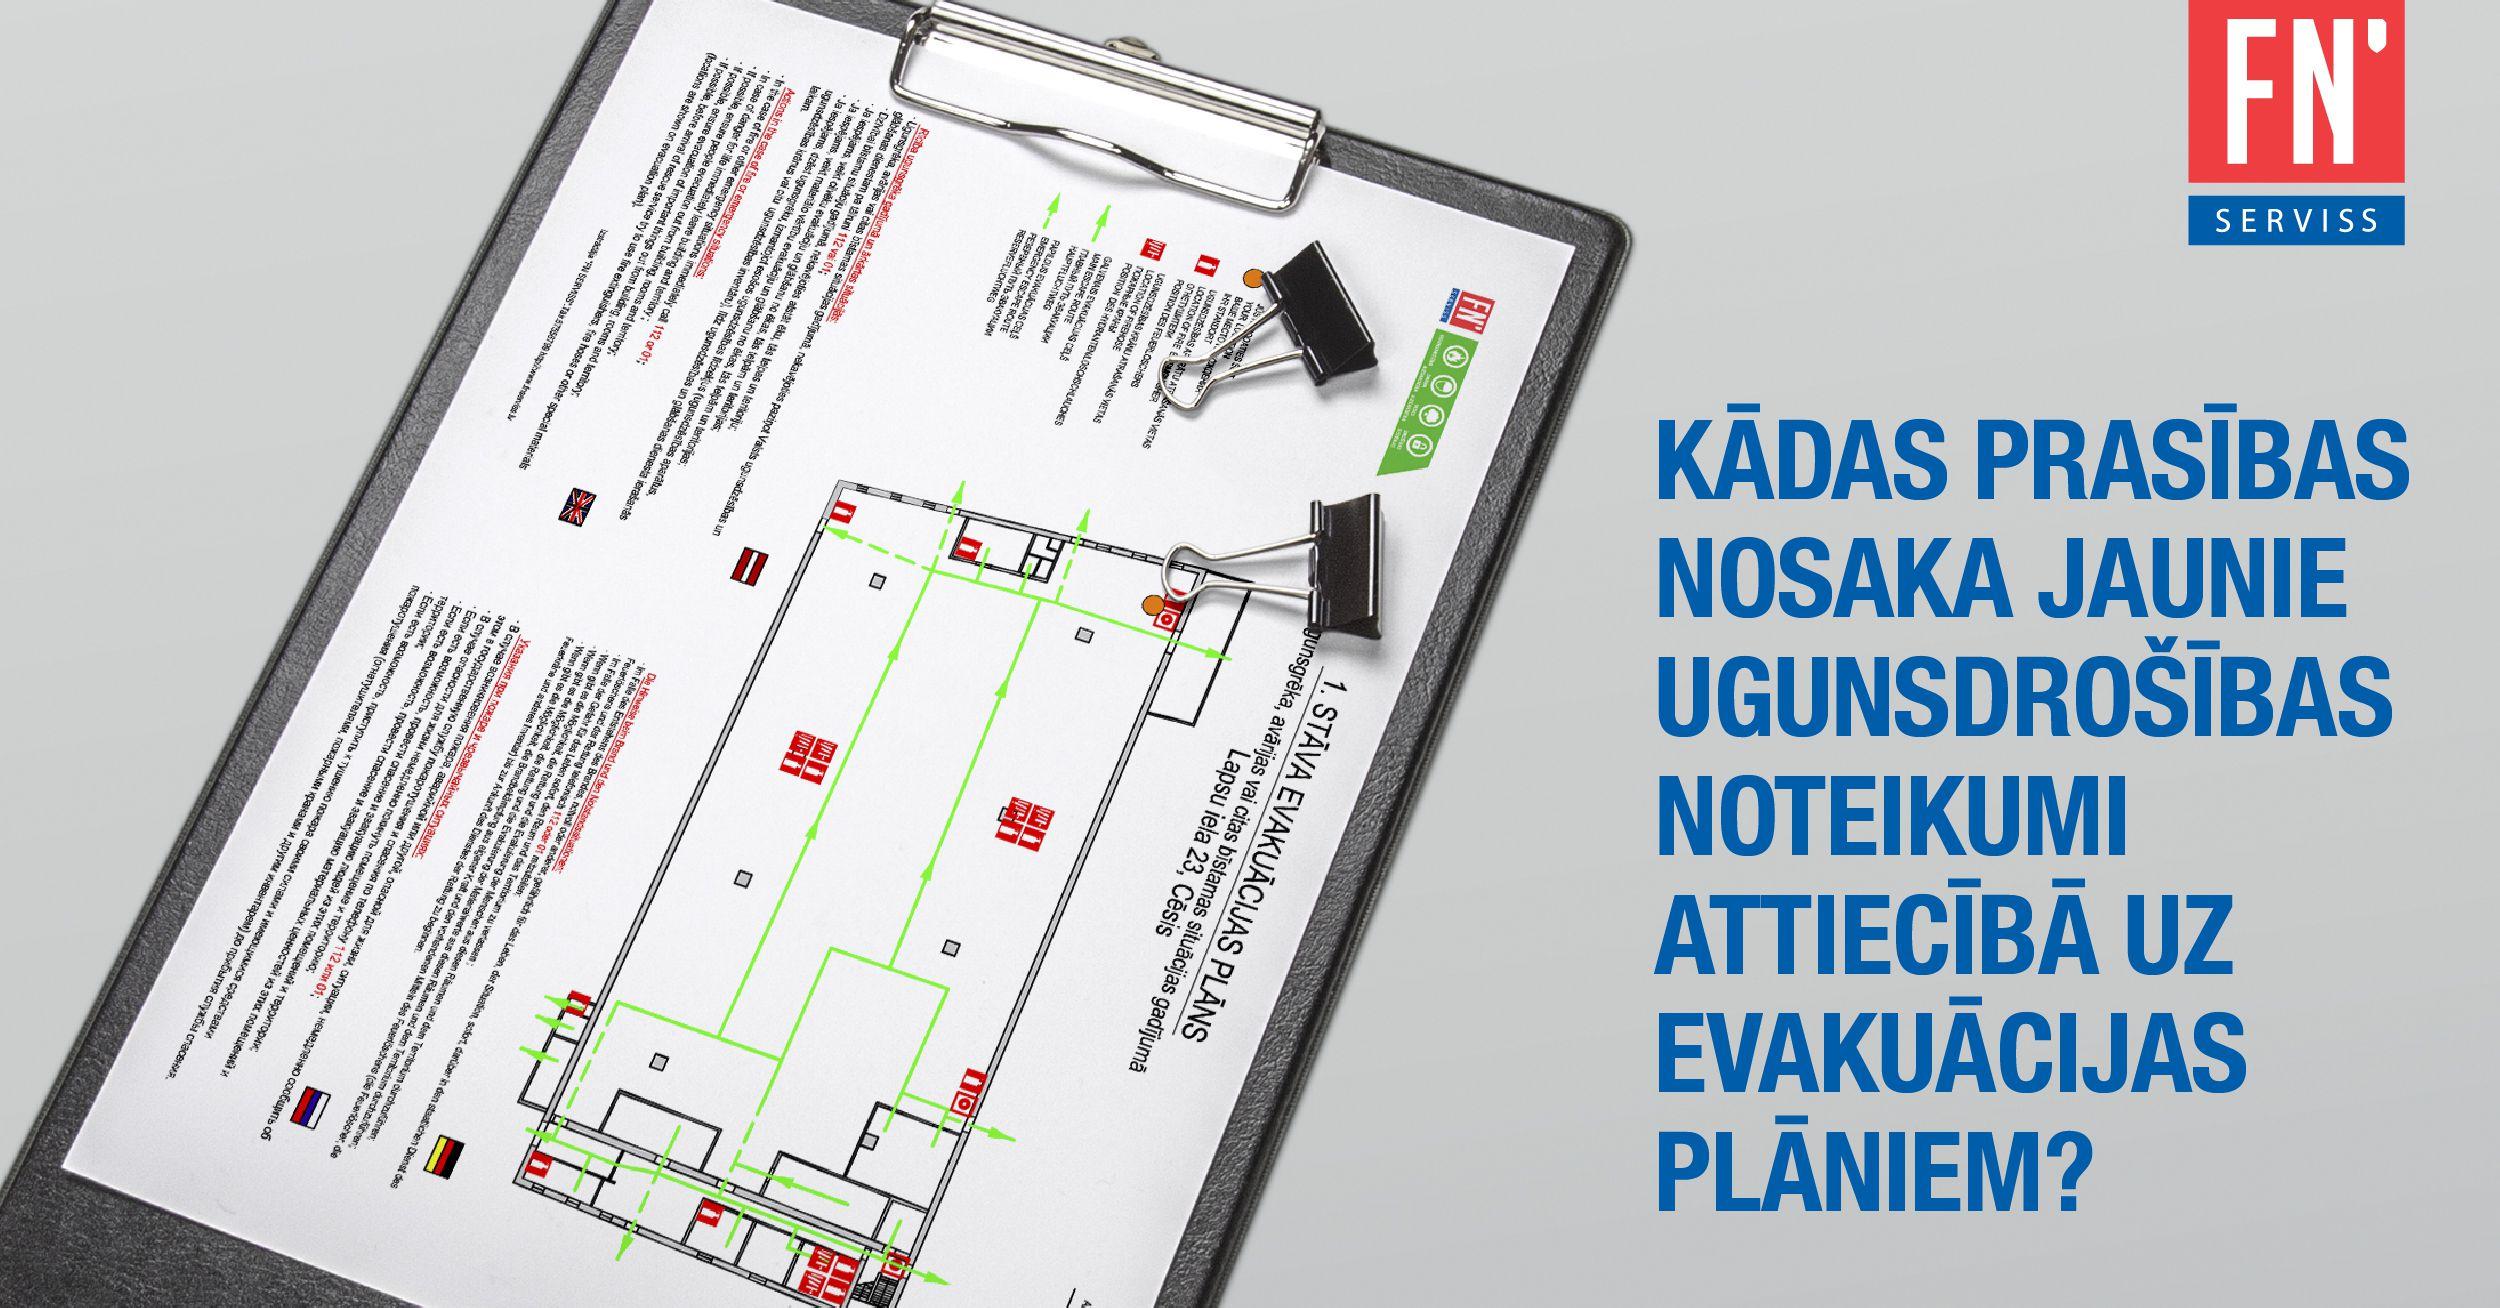 Lapa jaunie ugunsdrošības noteikumi evakuācijas plāniem